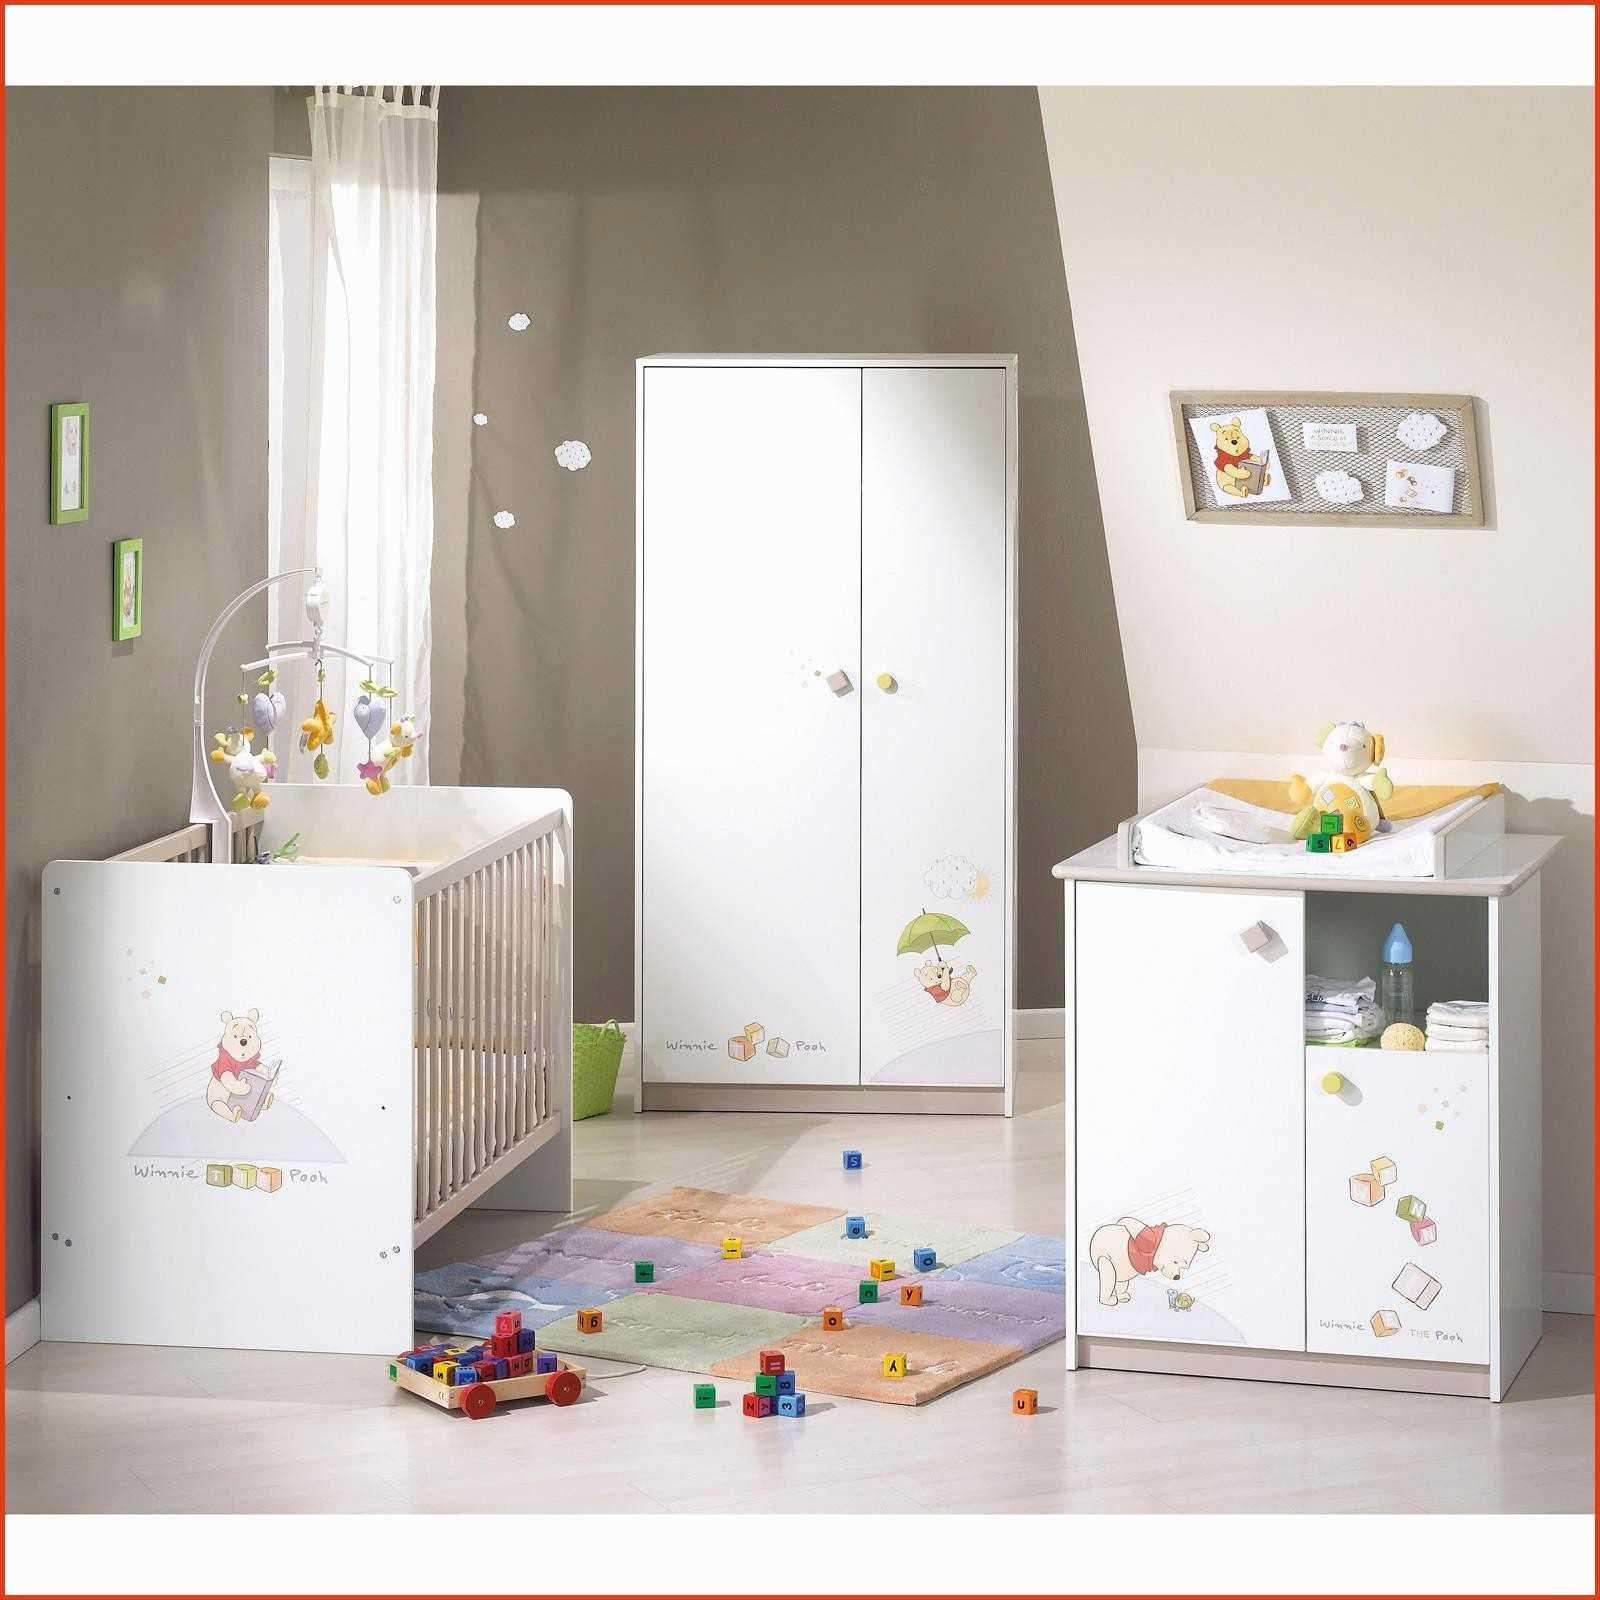 Sommier Lit Bébé 60×120 Génial 15 Beau Rideaux Chambre Bébé Ikea